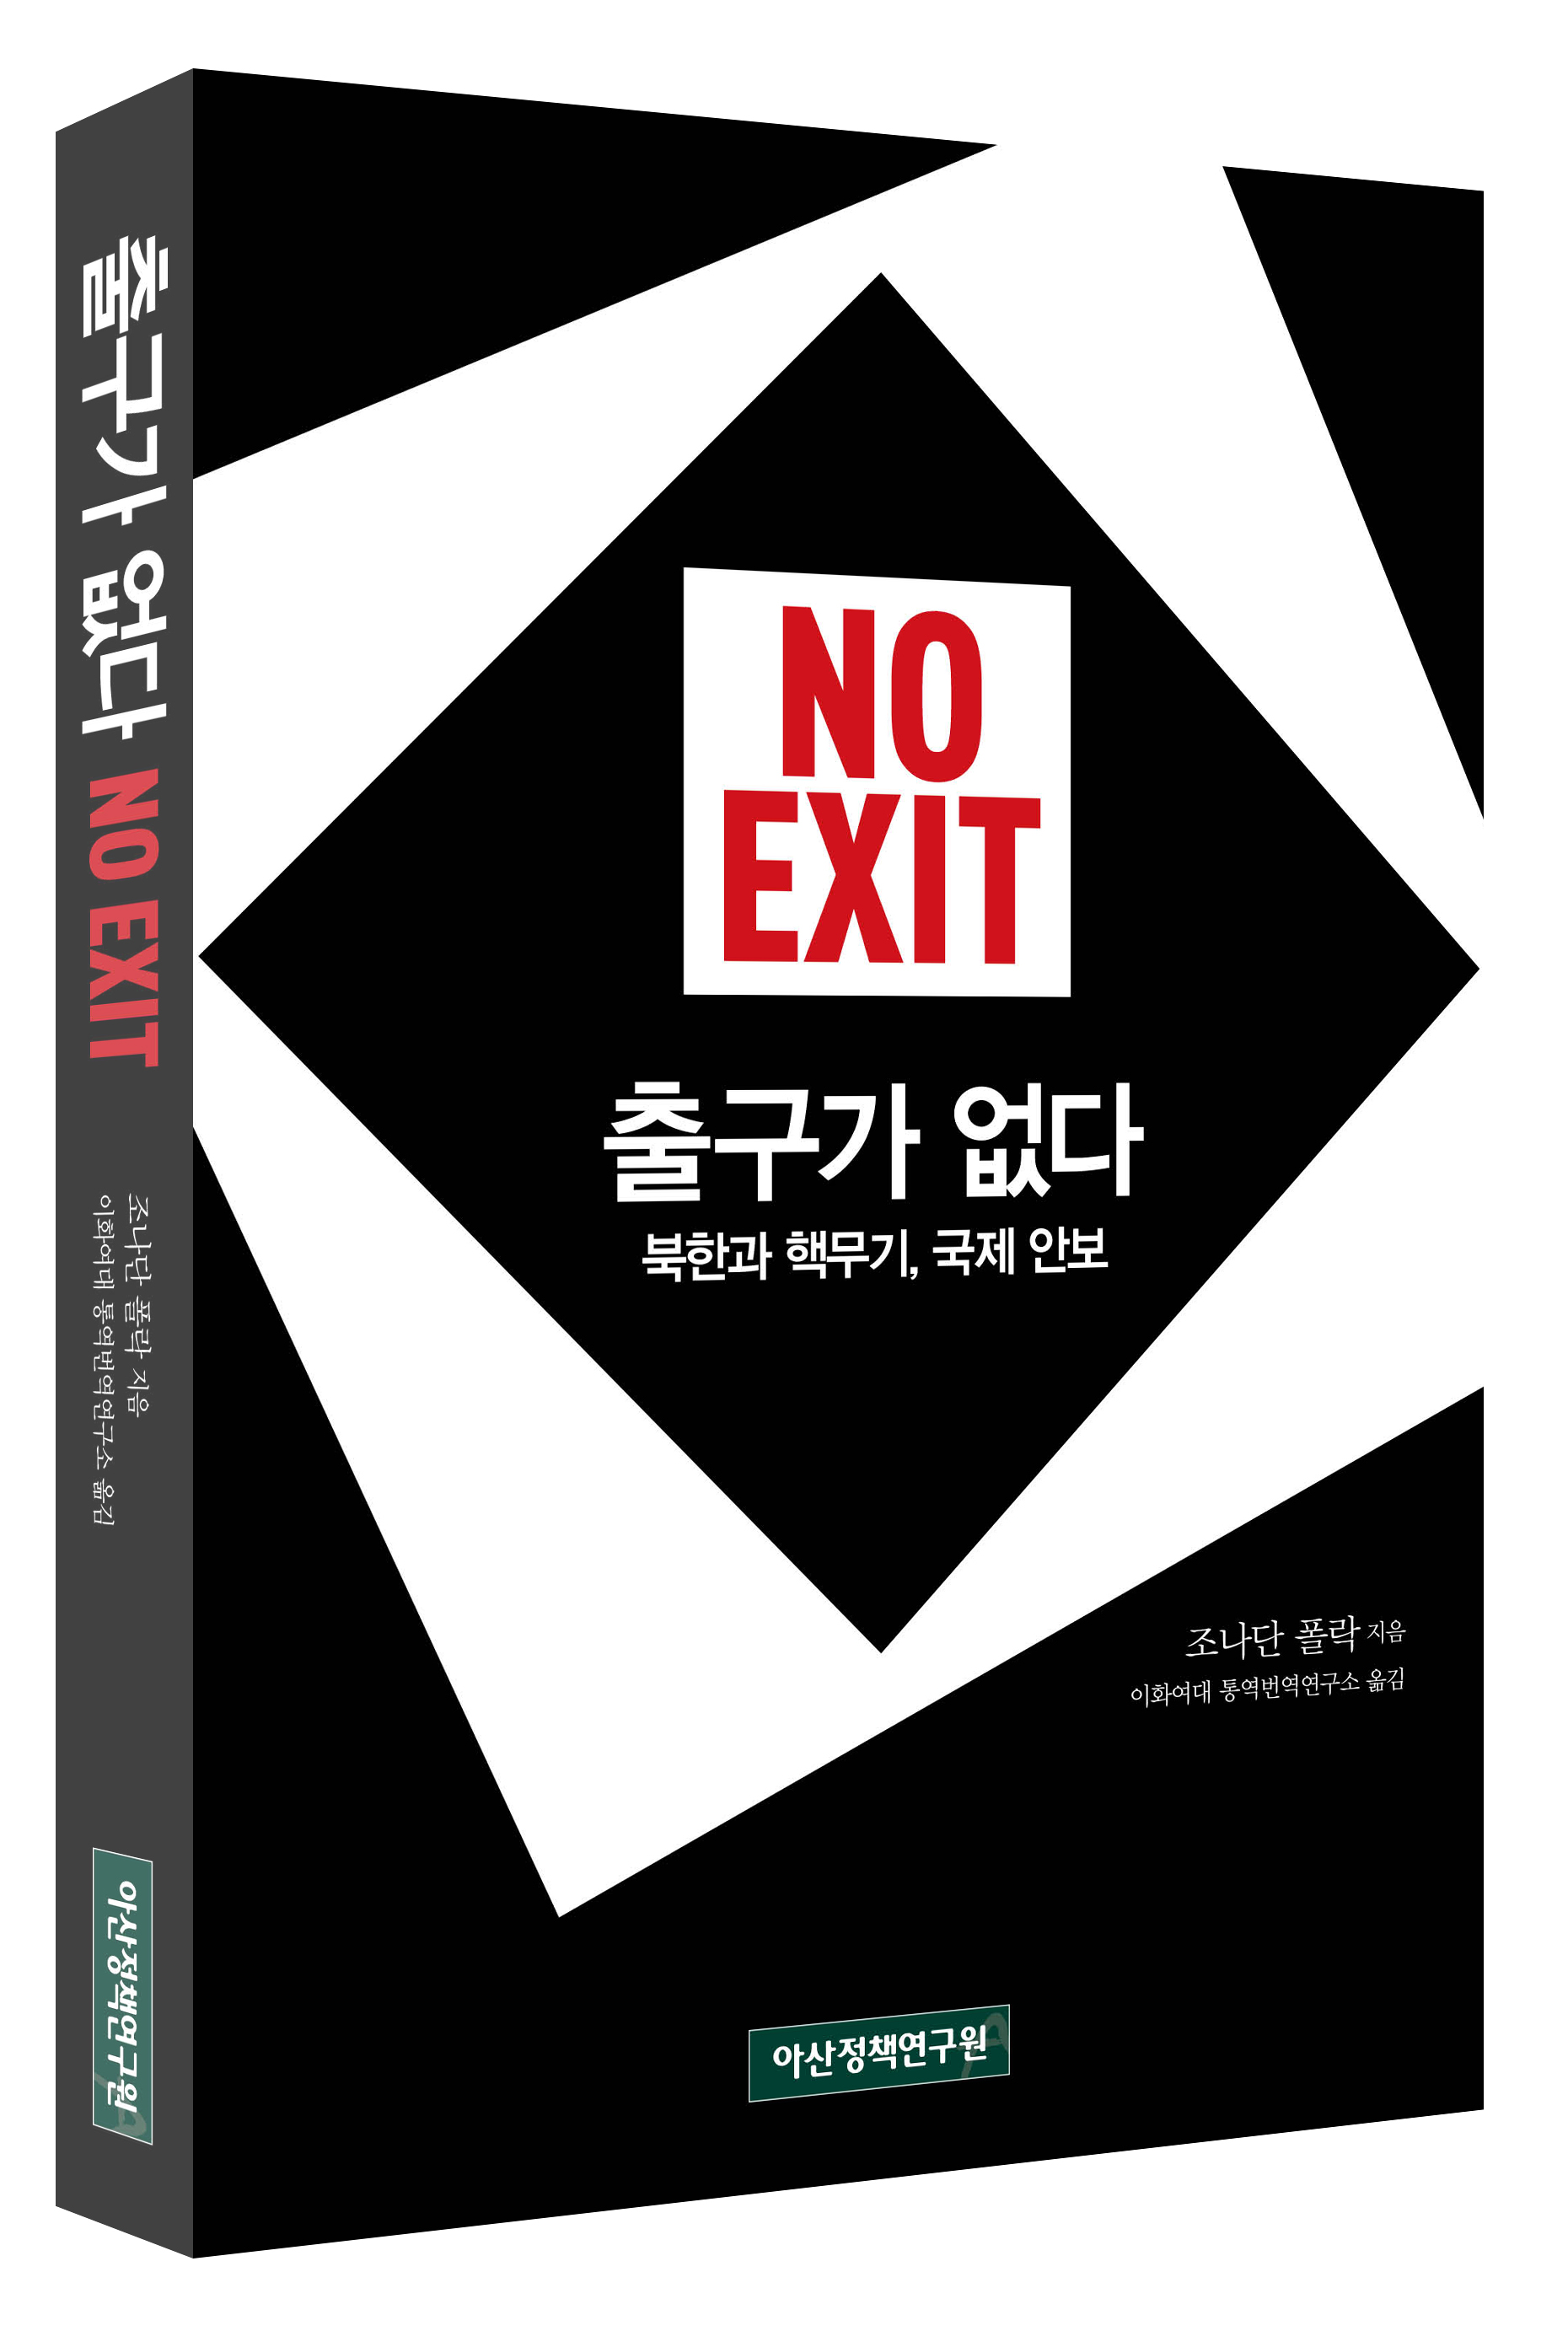 출구가 없다: 북한과 핵무기, 국제 안보